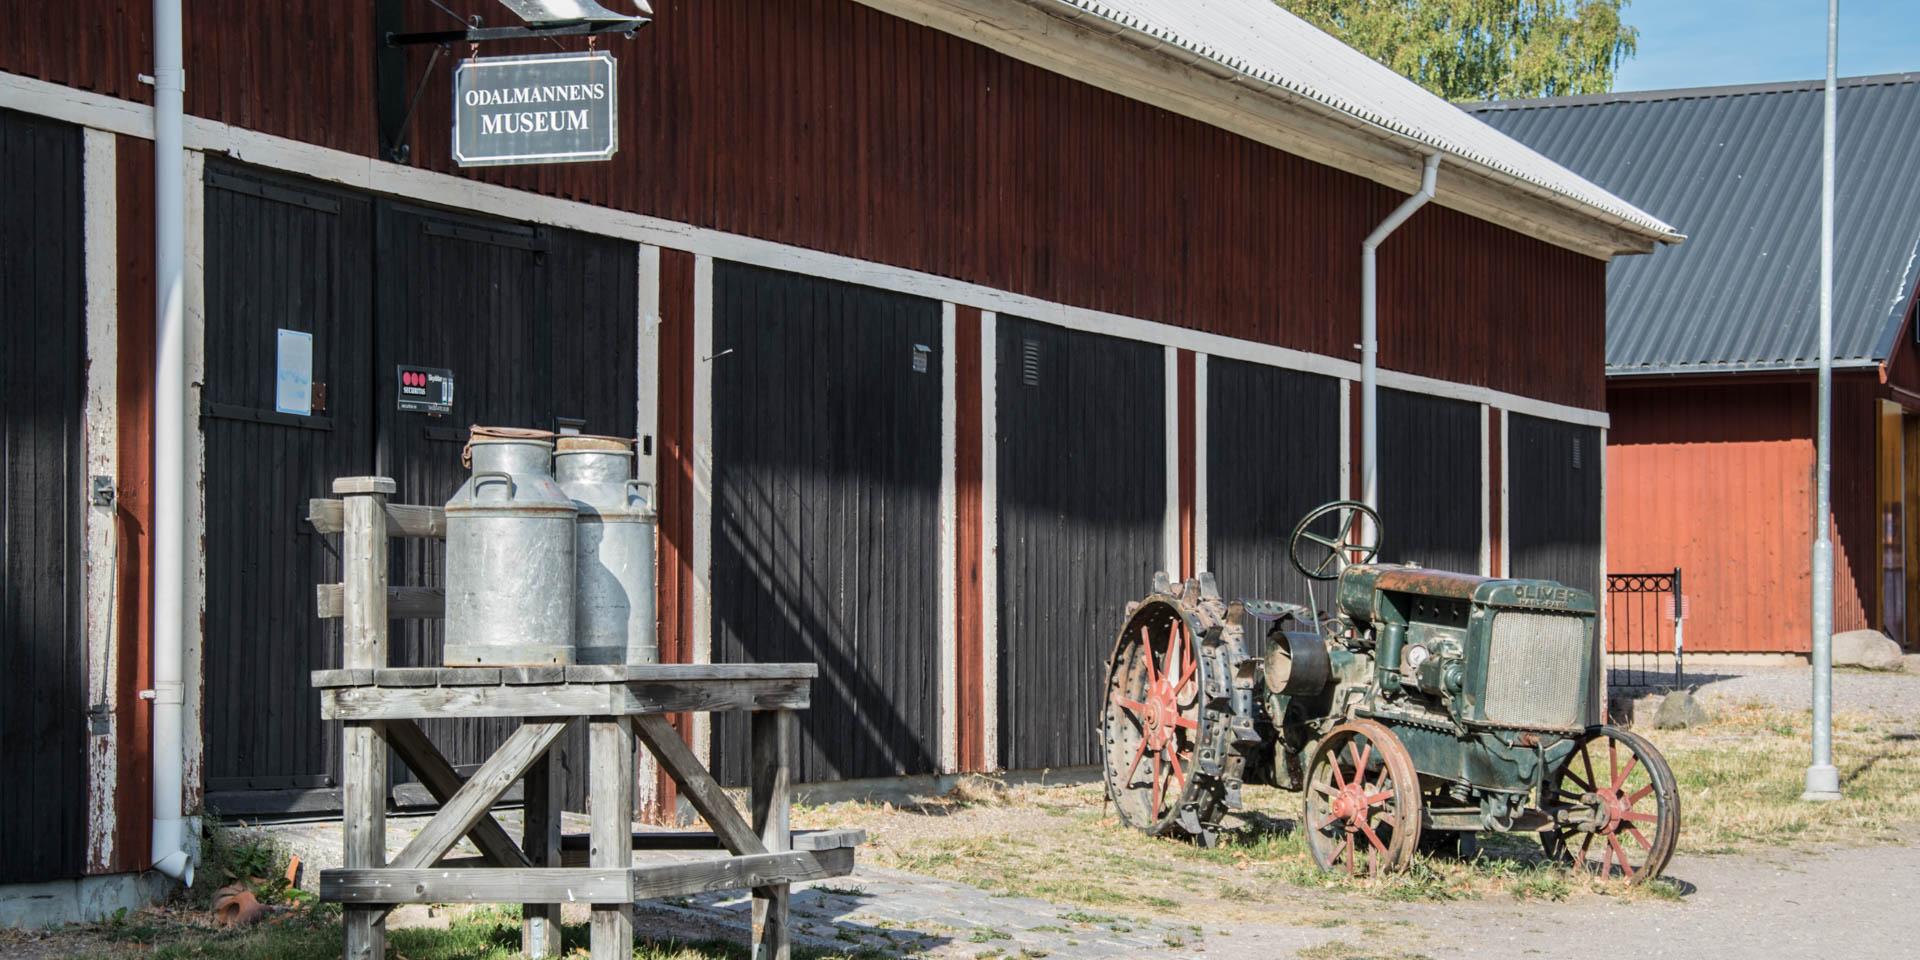 Odalmannens Museum 2018